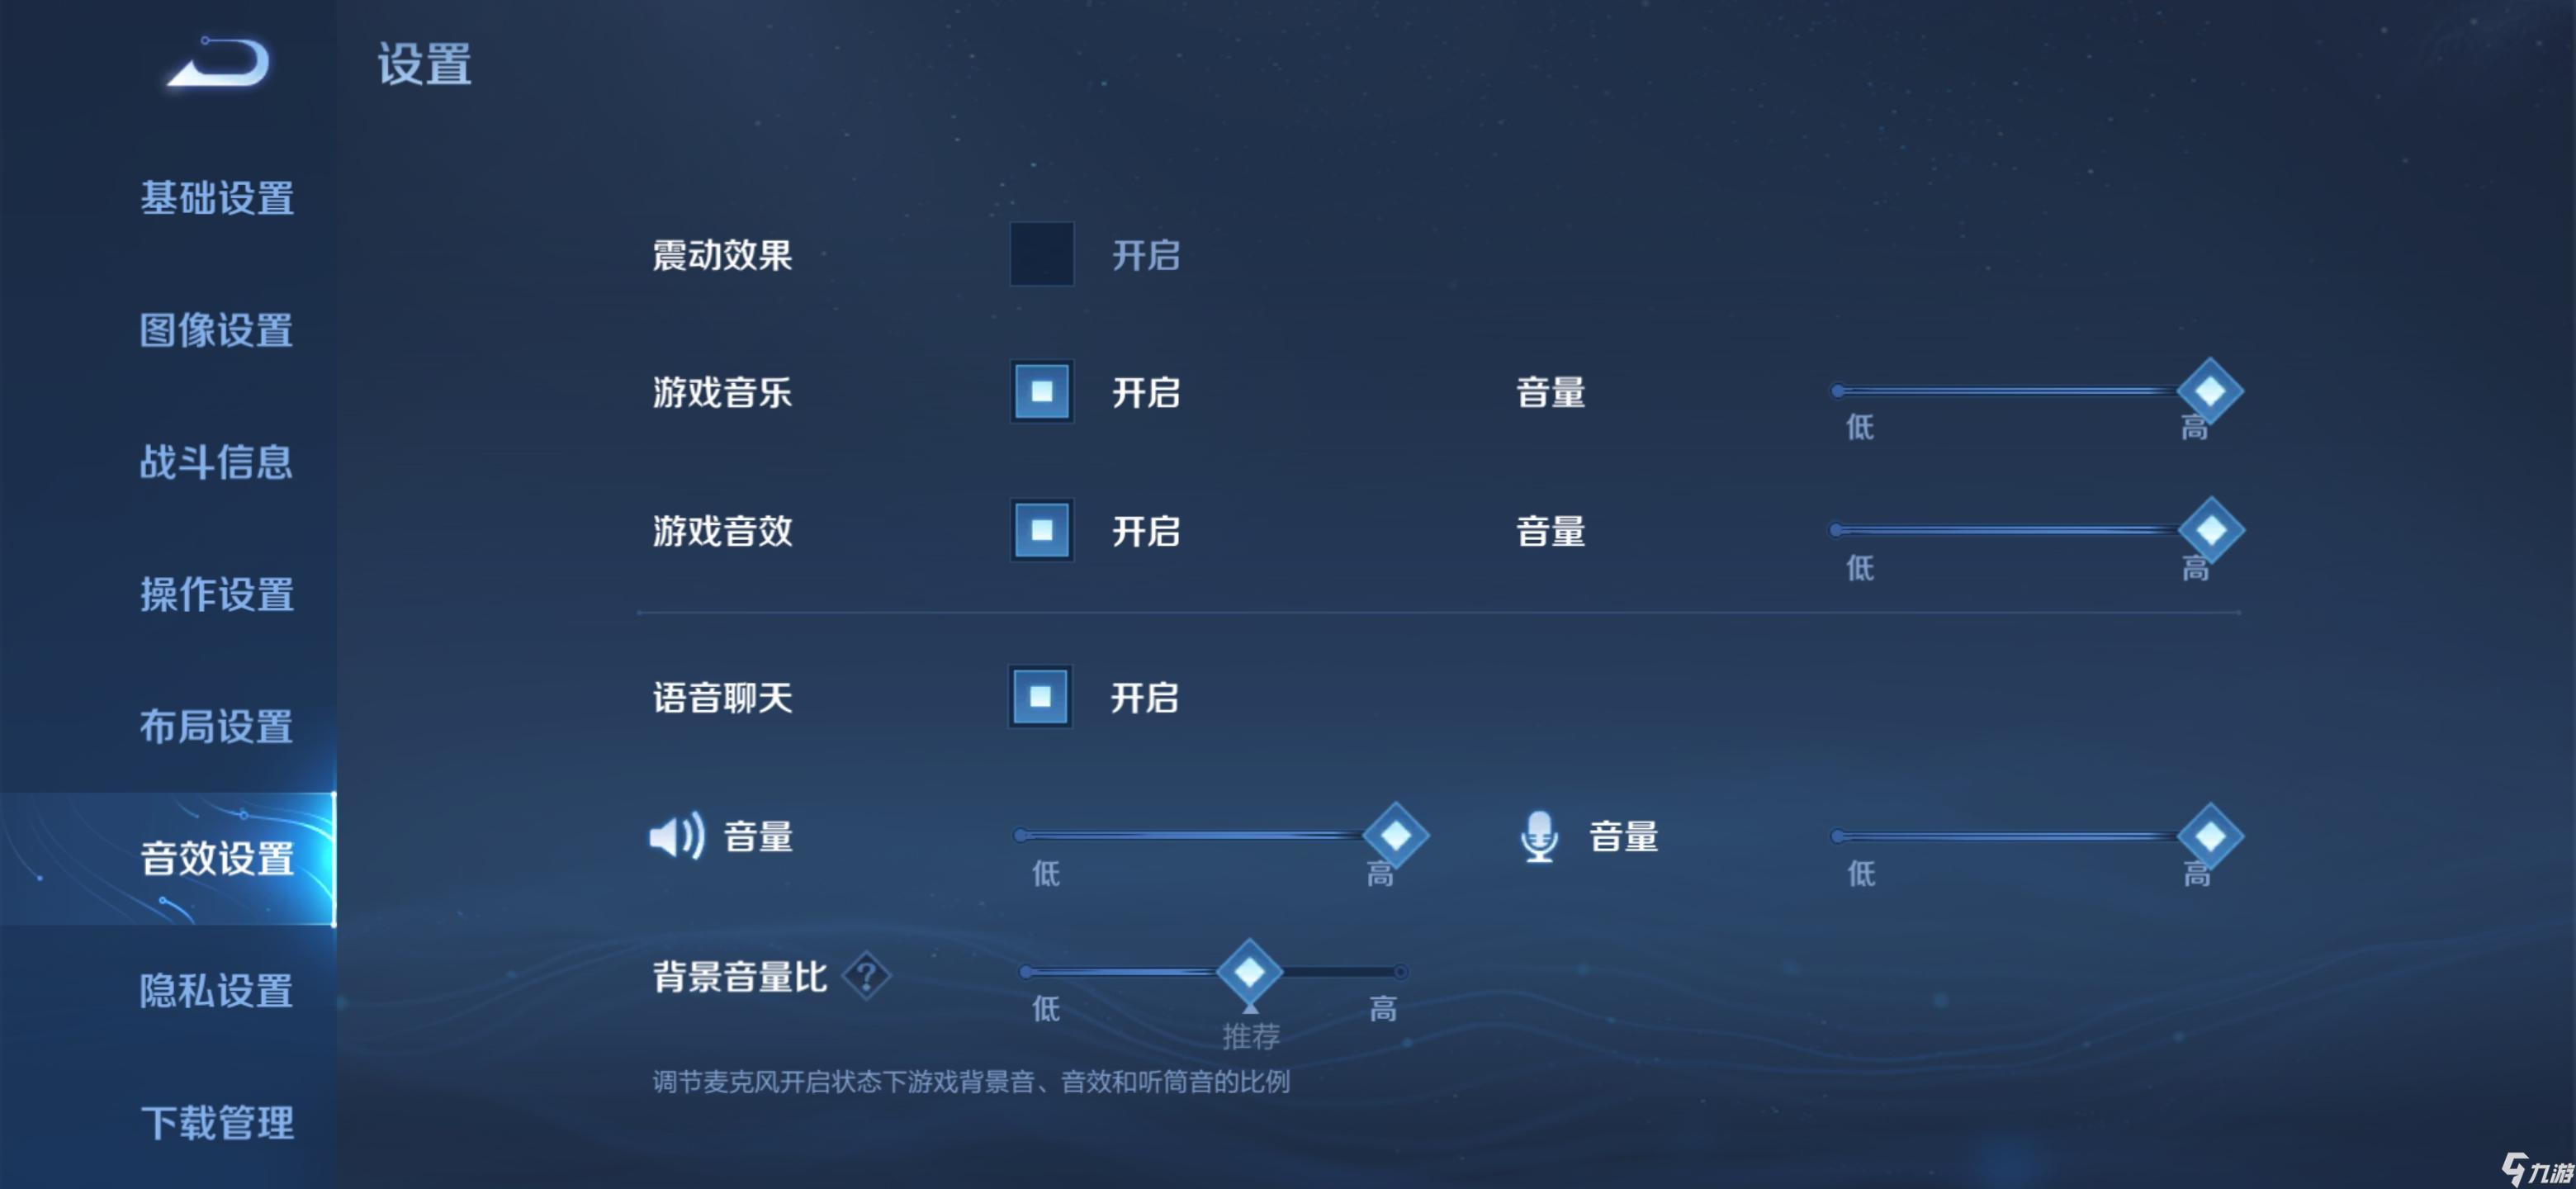 王者荣耀魔音系统怎么开 魔音系统特点一览